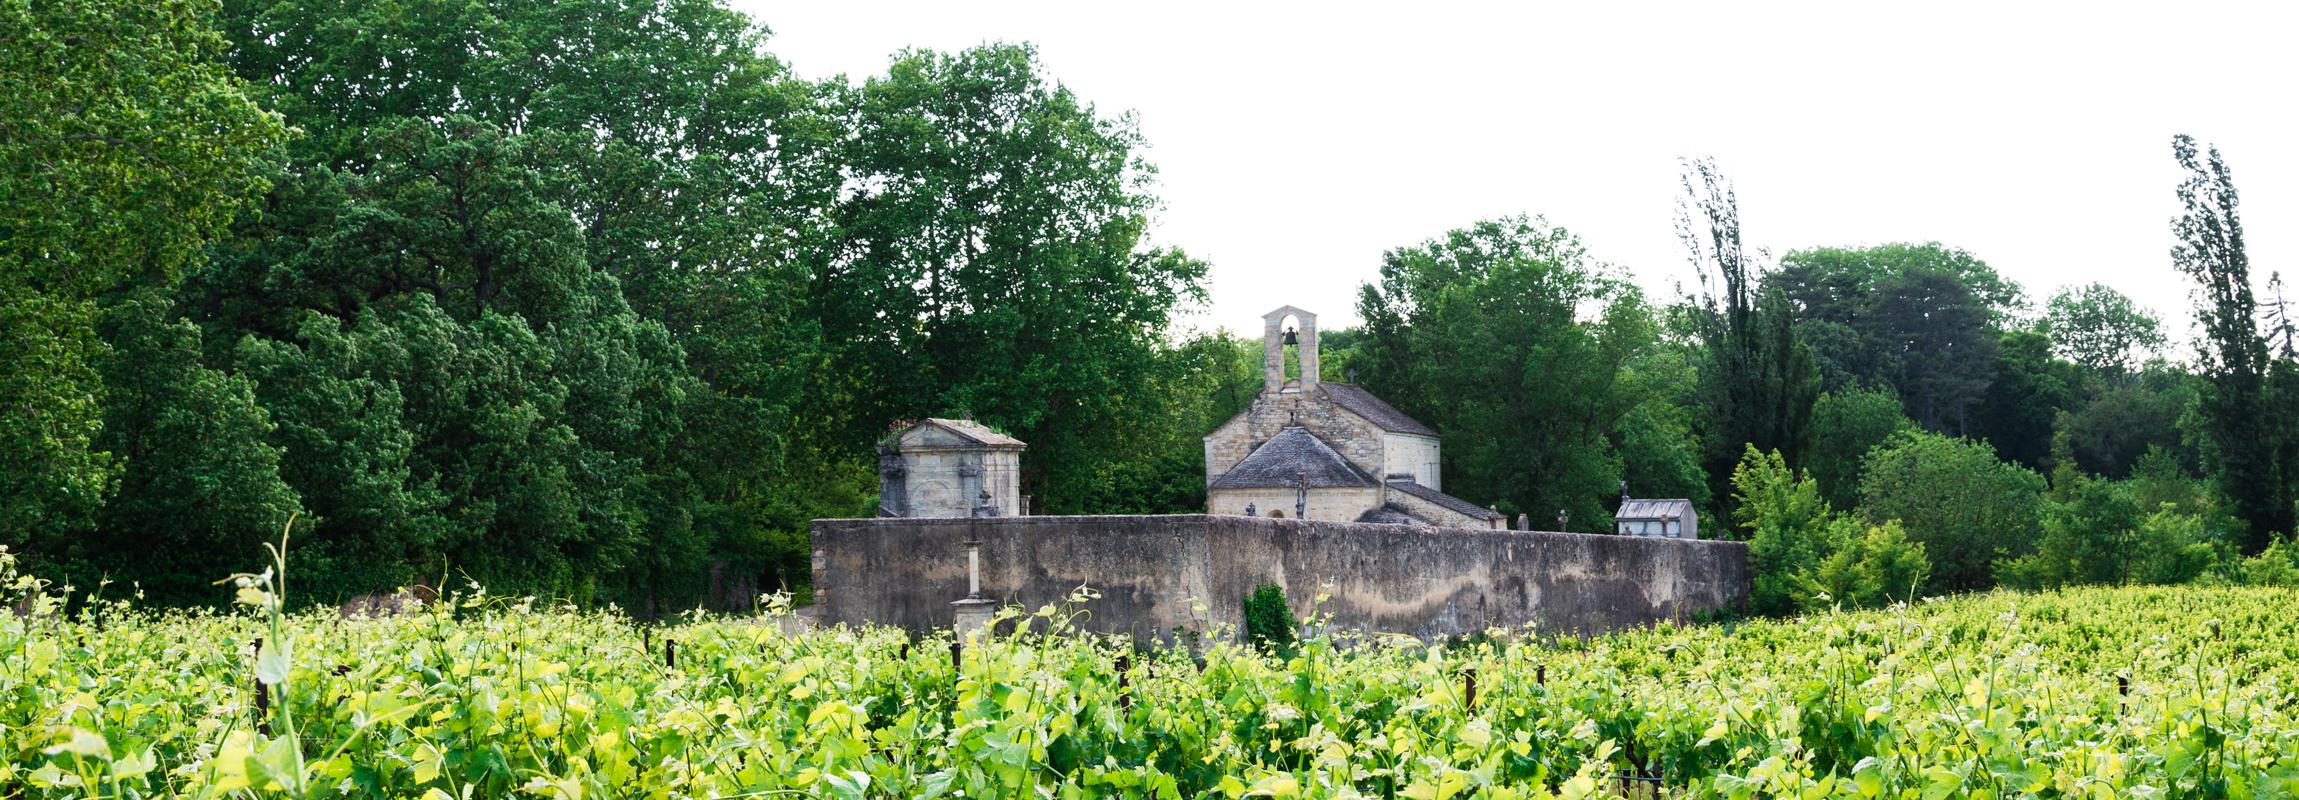 Das Hotel Château de Montcaud steht geografisch im Weiler Combe der Gemeinde Sabran, am Rande der Provence in Südfrankreich. Historische Bauten, wie diese kleine Kirche von Combe zieren die Dorfbilder der umliegenden Ortschaften.